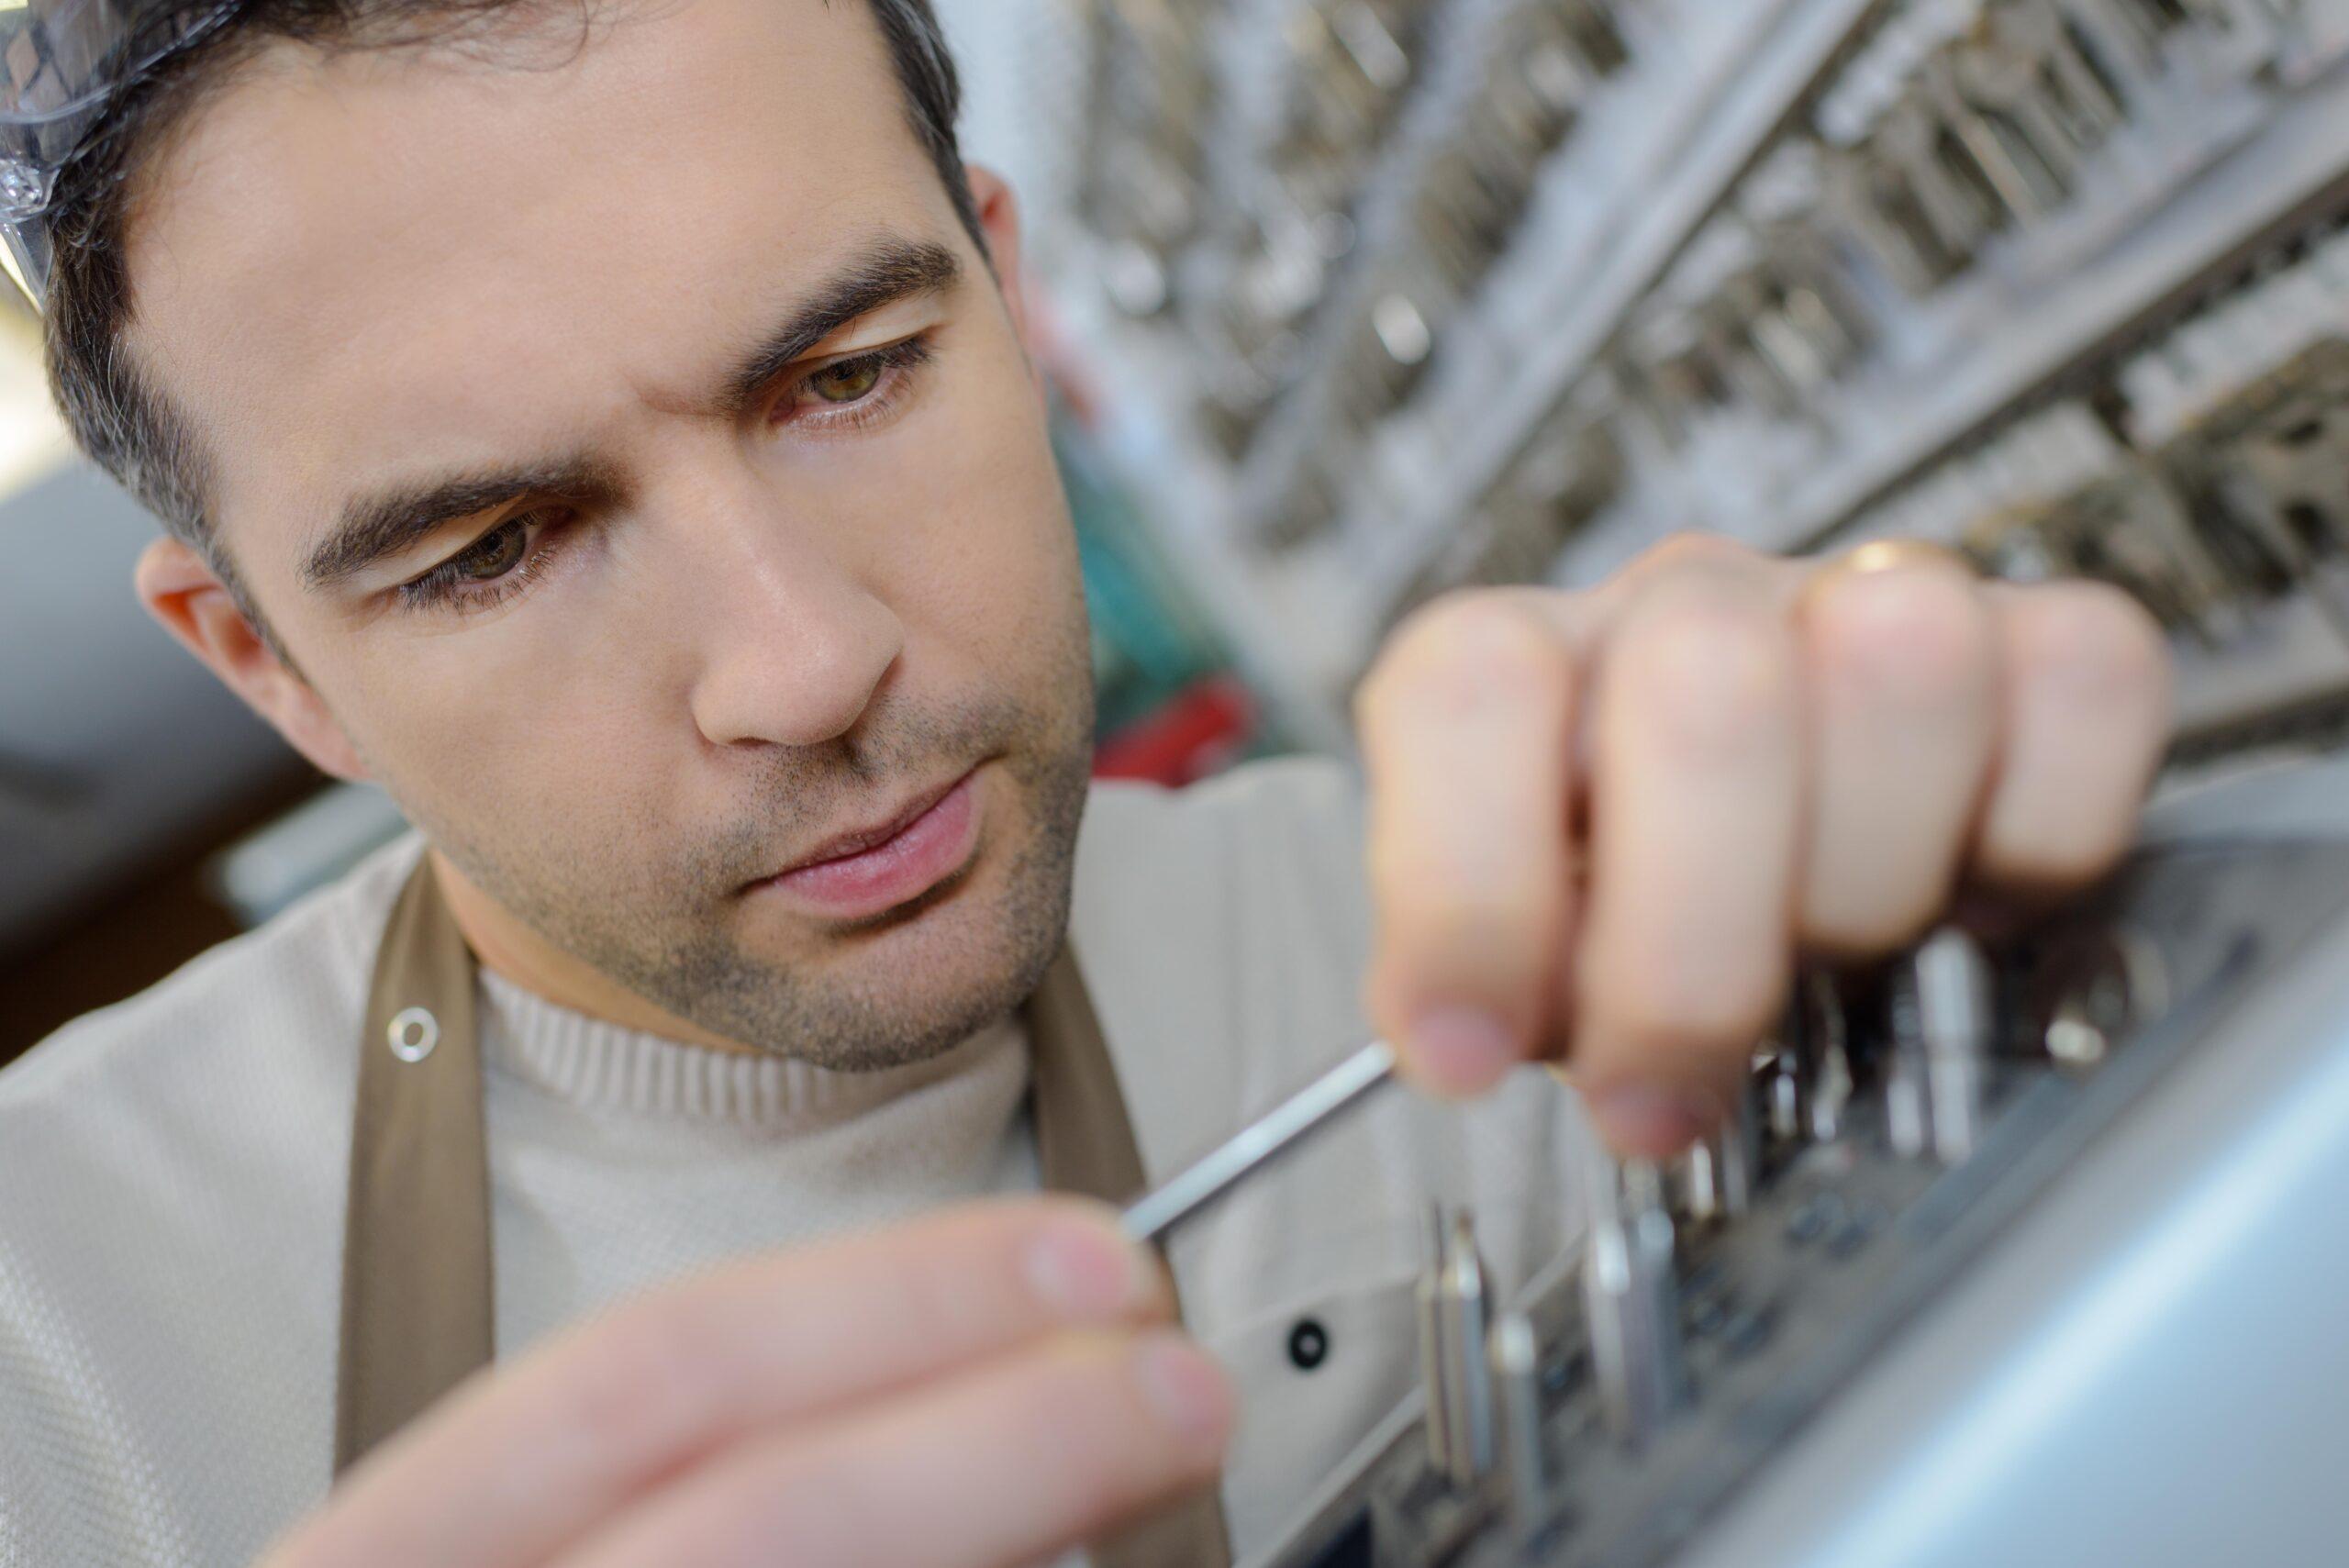 изготовление дубликата ключей в одессе